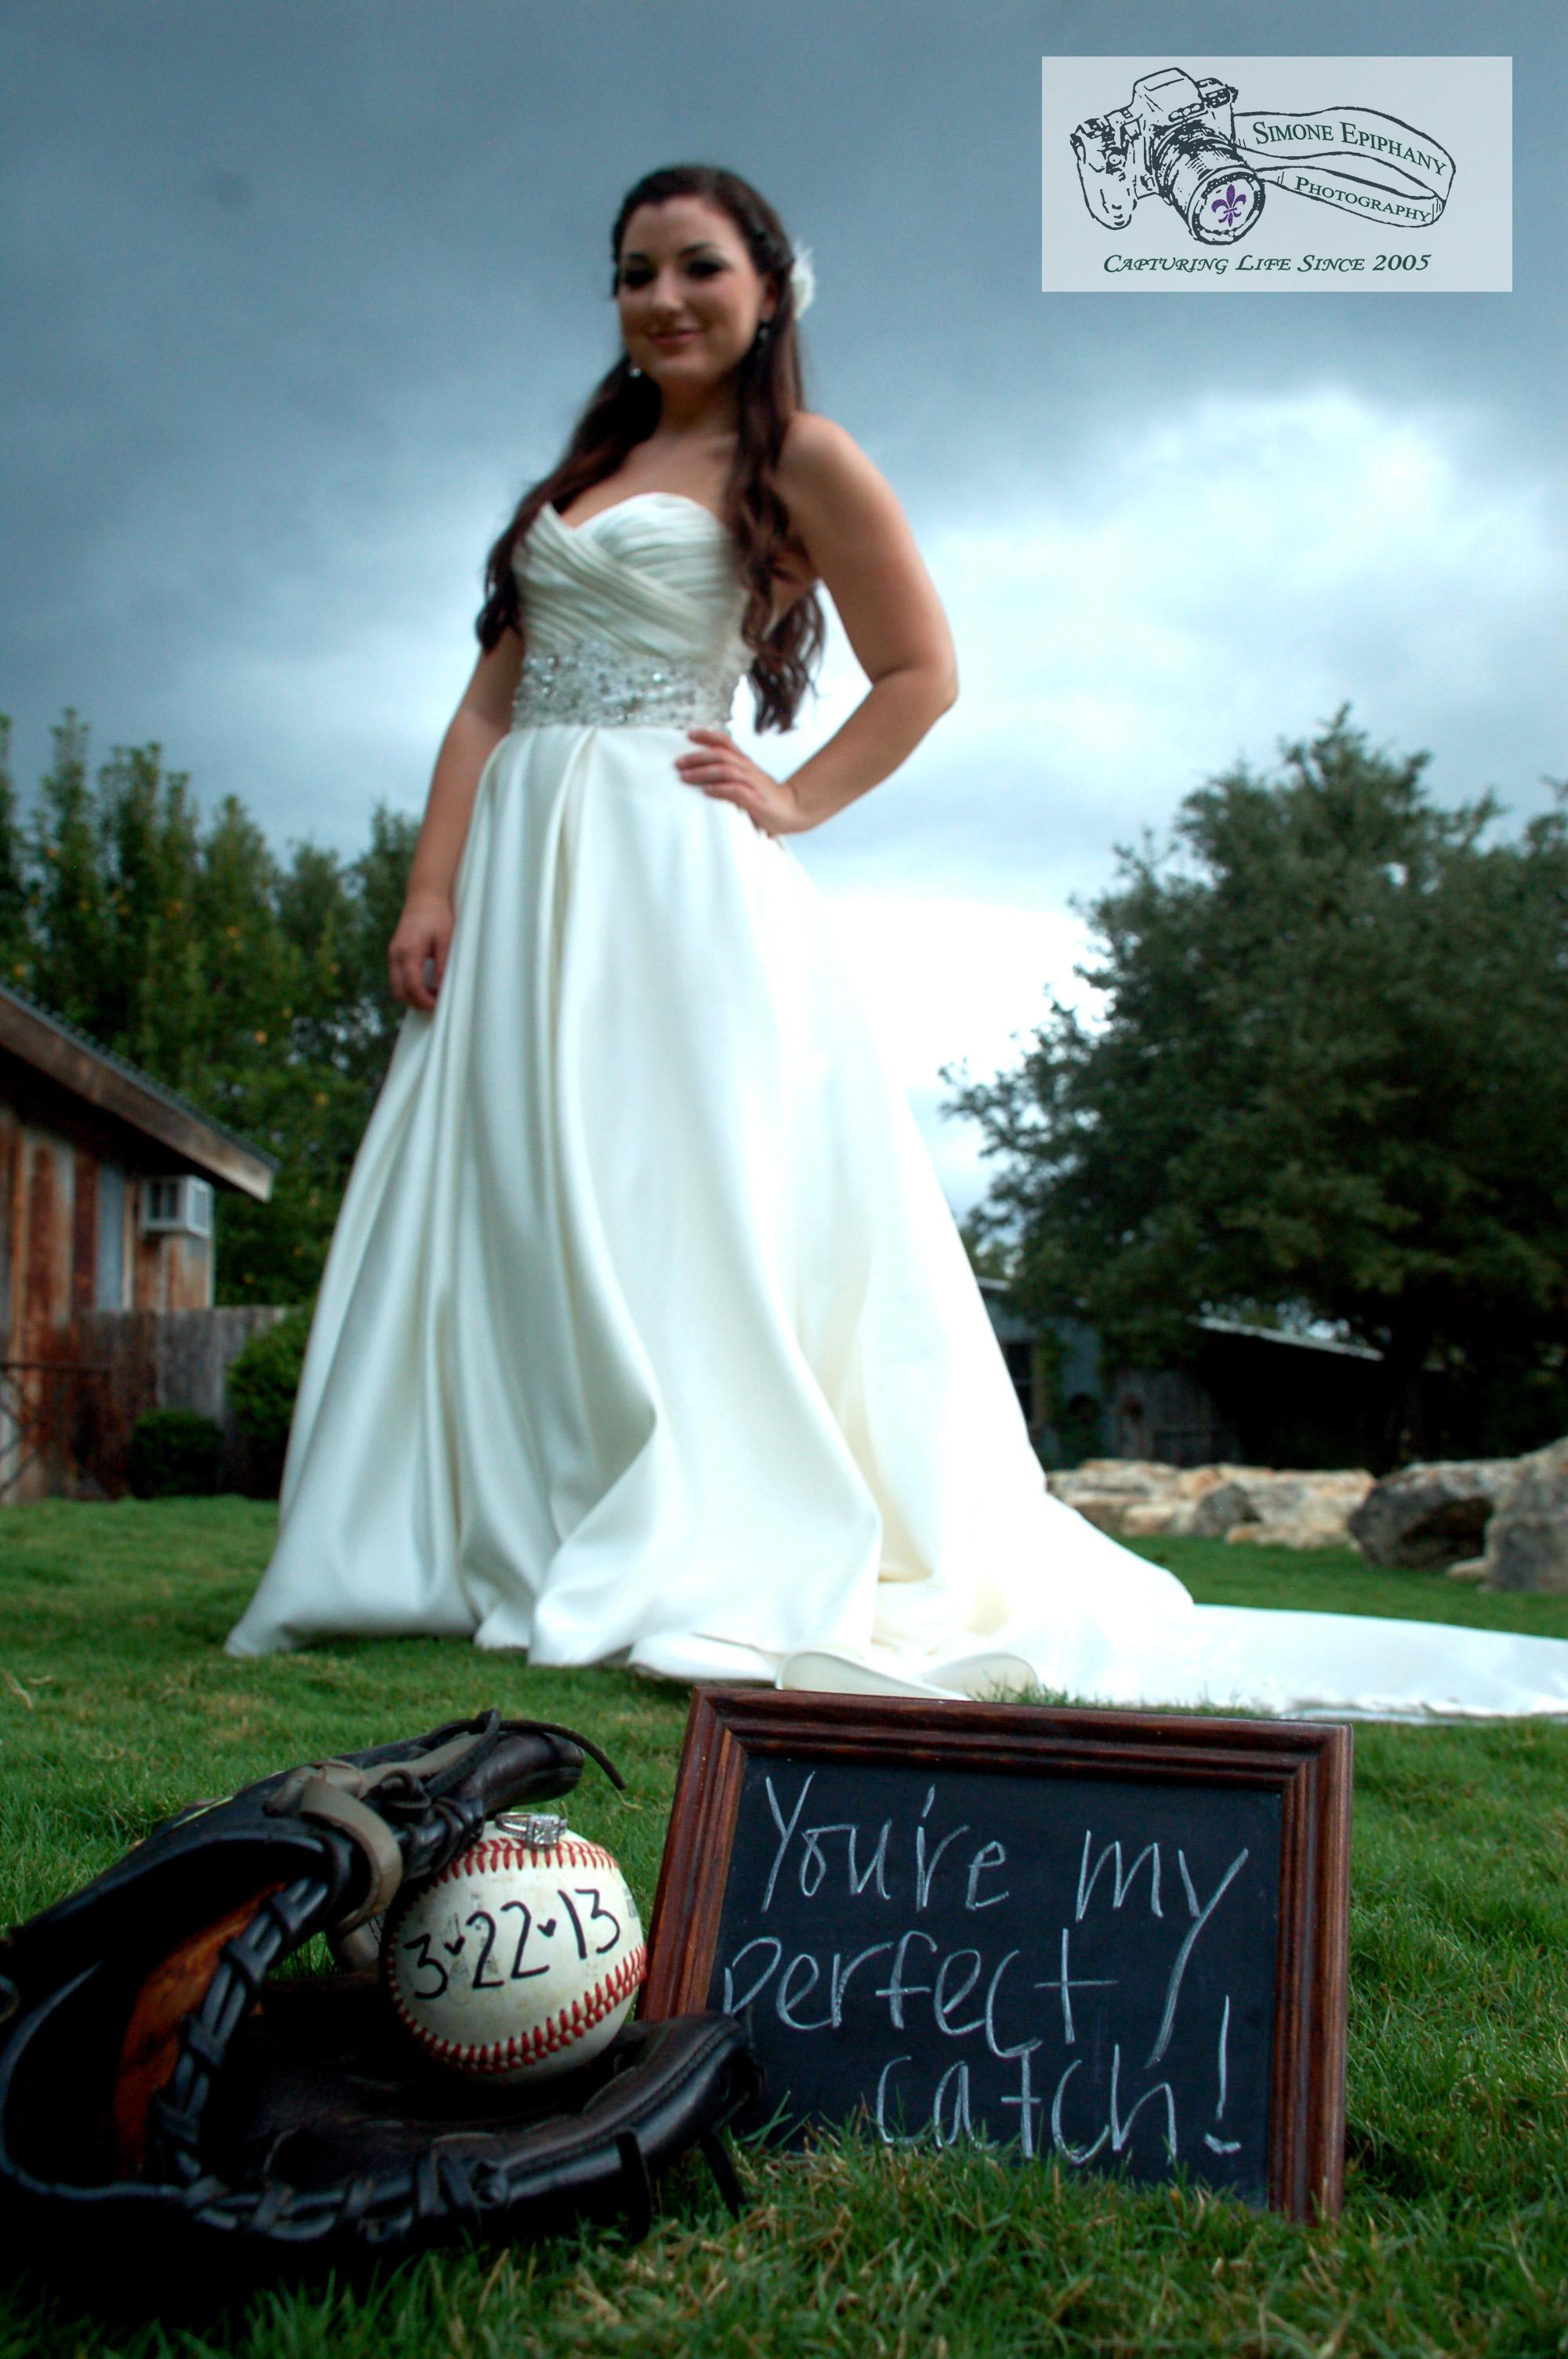 Bridal | Simone Epiphany Photography